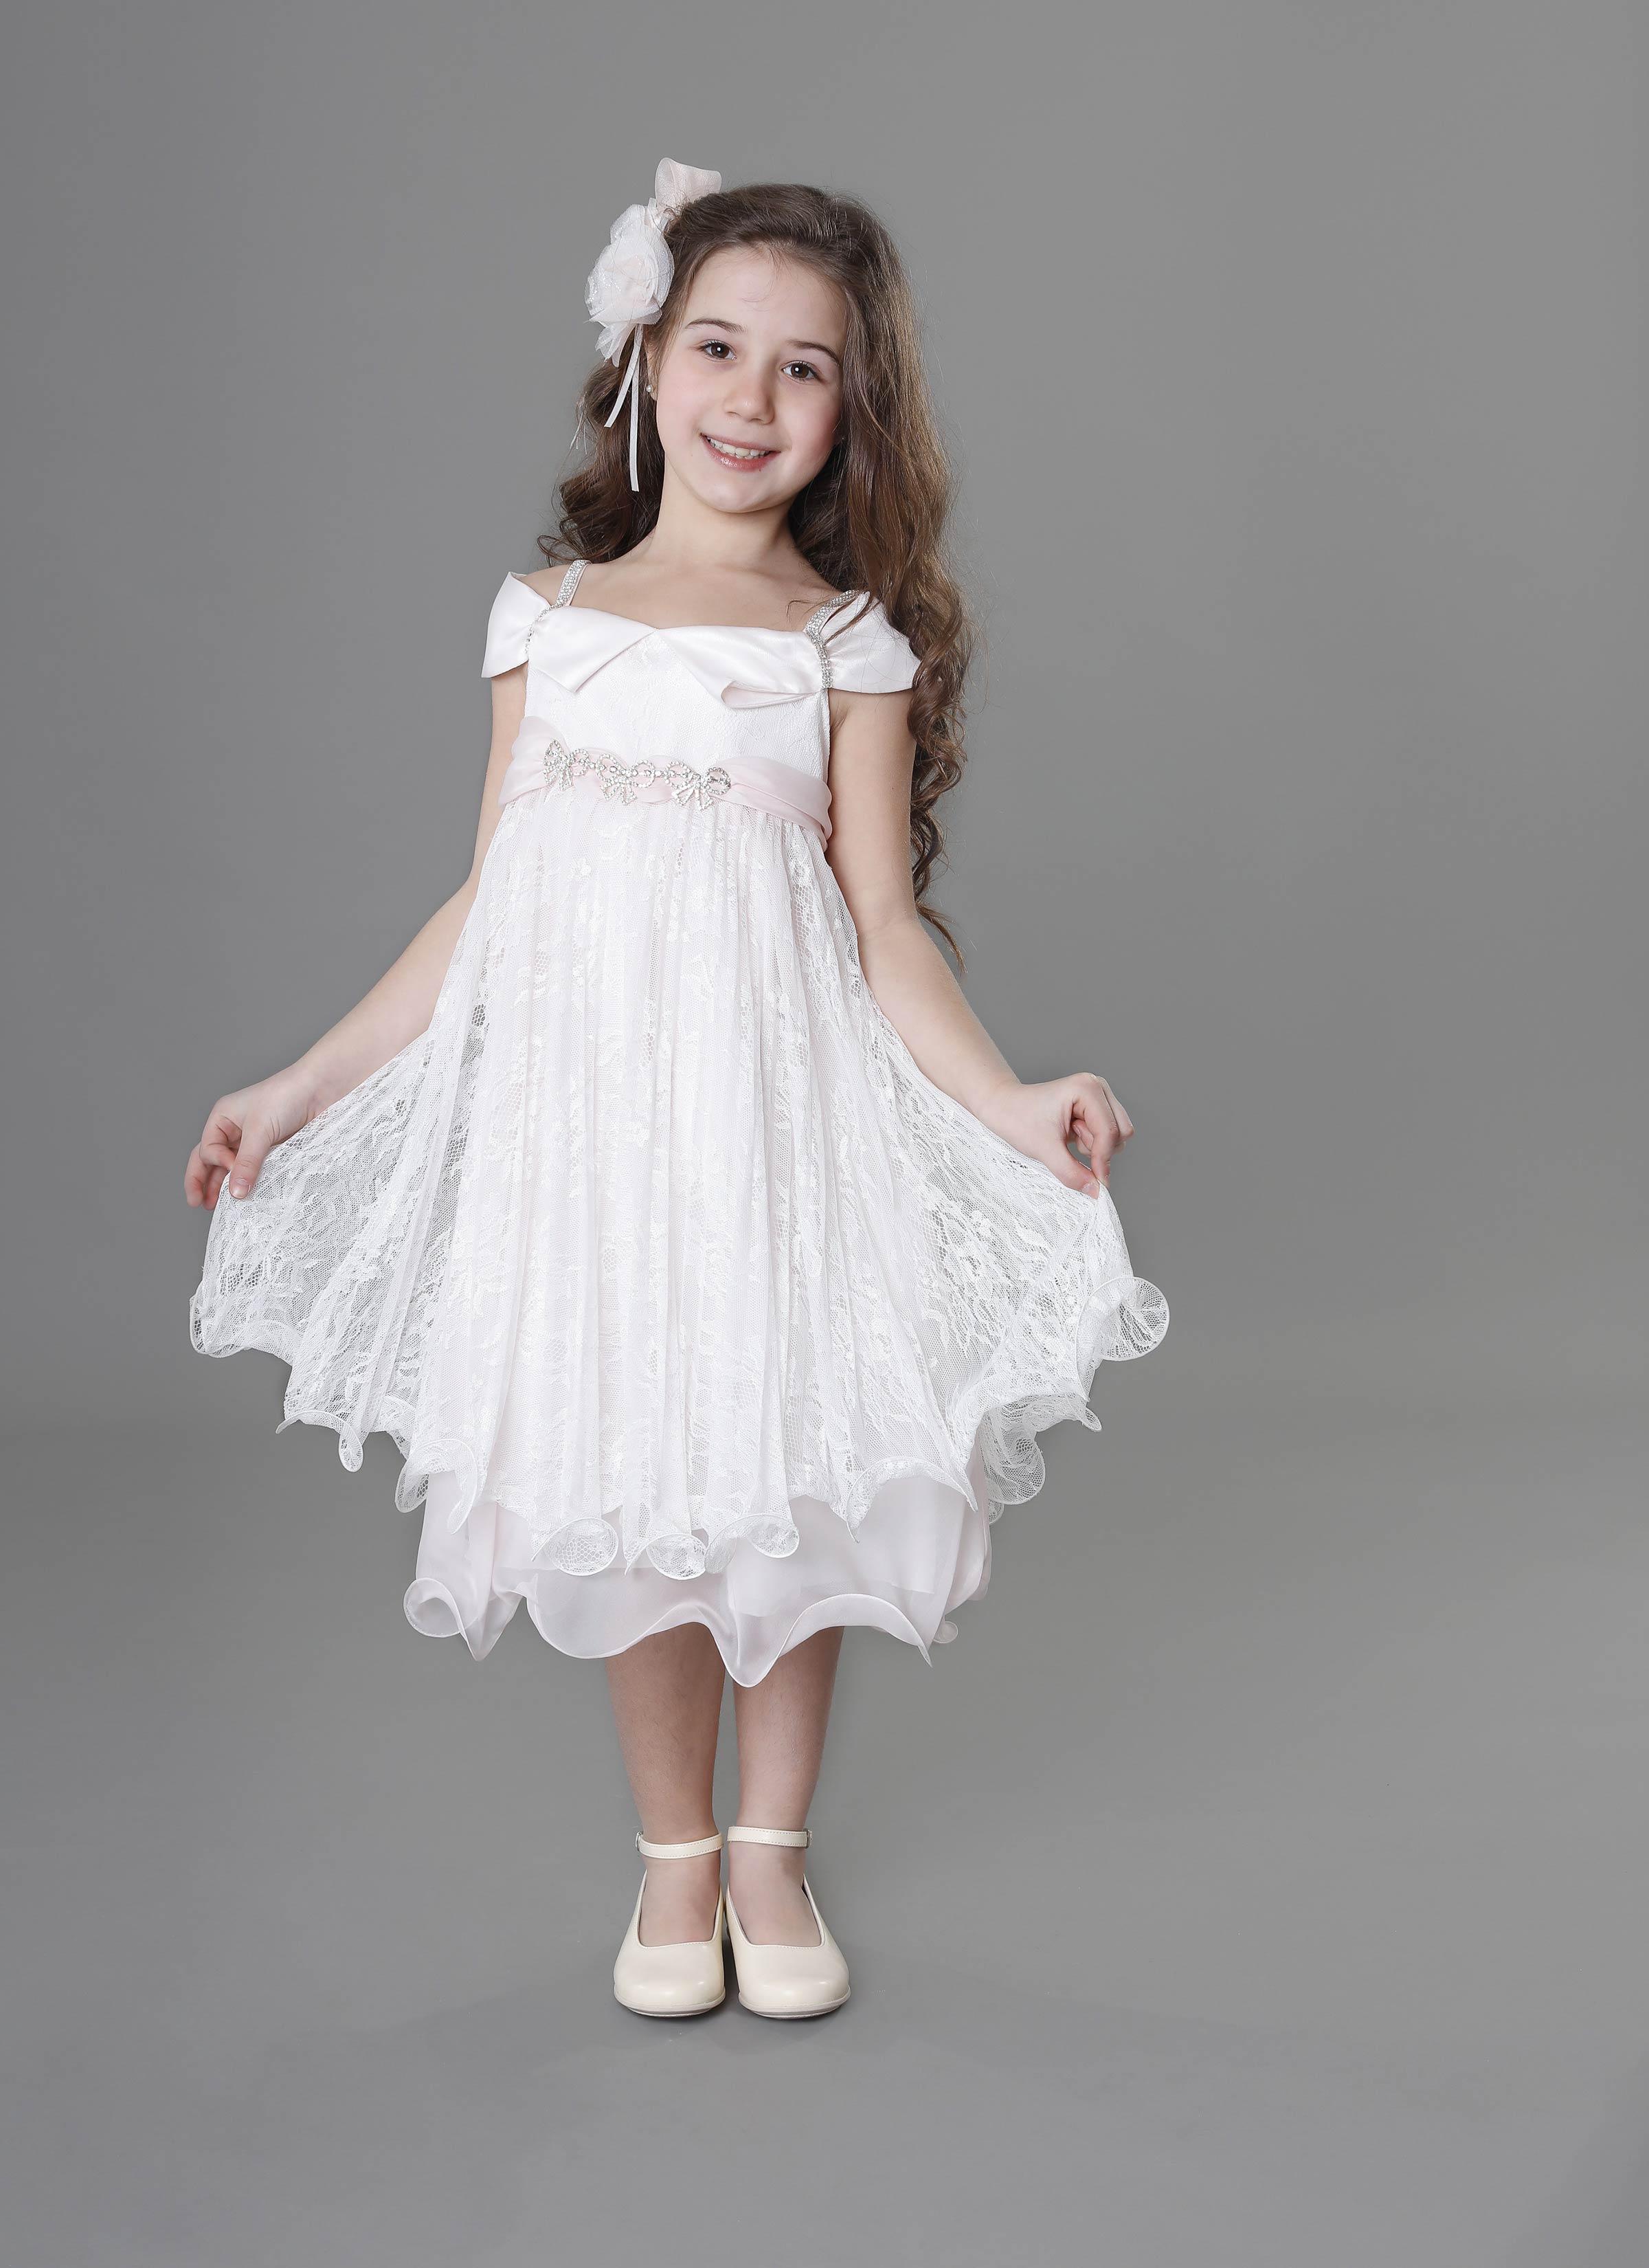 Abiti Eleganti Bambina 8 Anni.Vestito In Merletto Per Bambina Da Cerimonia Da 8 A 12 Anni